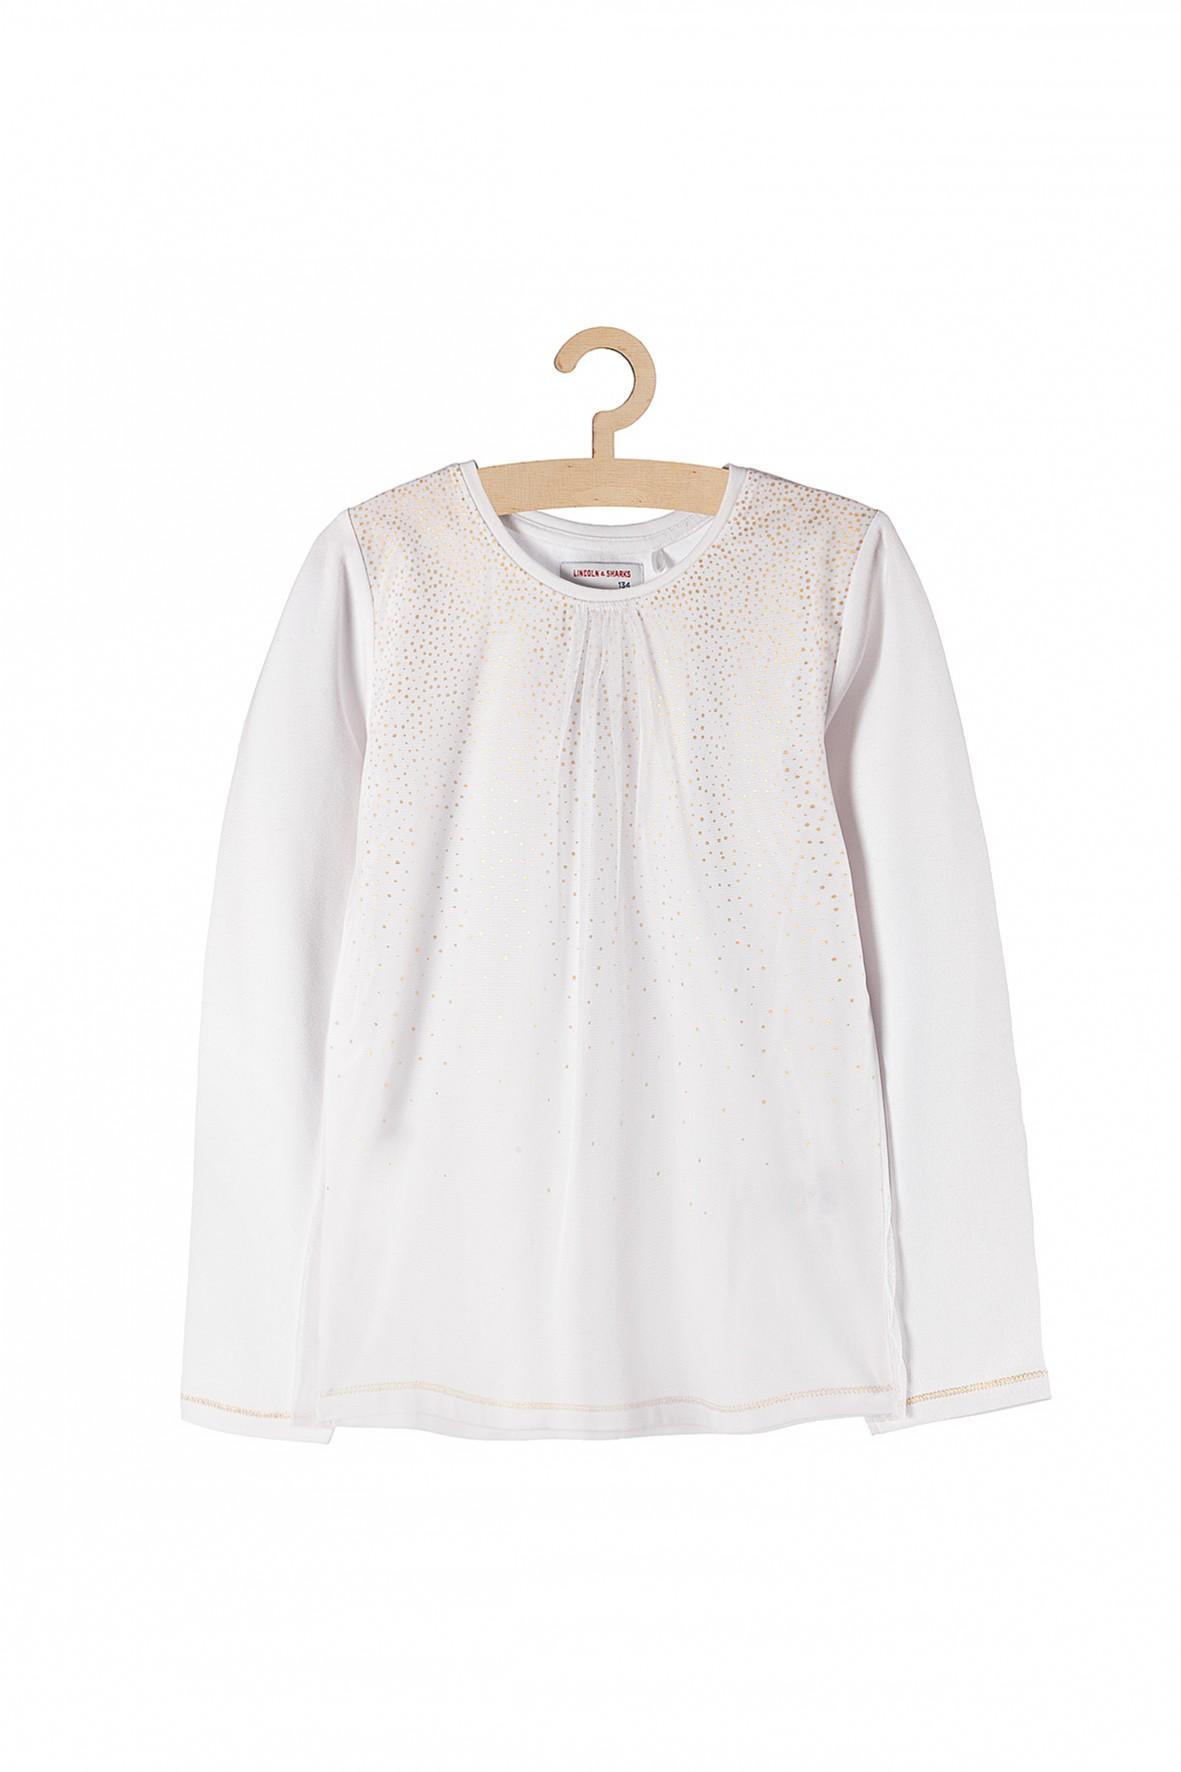 Bluzka dziewczęca biała z tiulową wstawką i złotymi zdobieniami